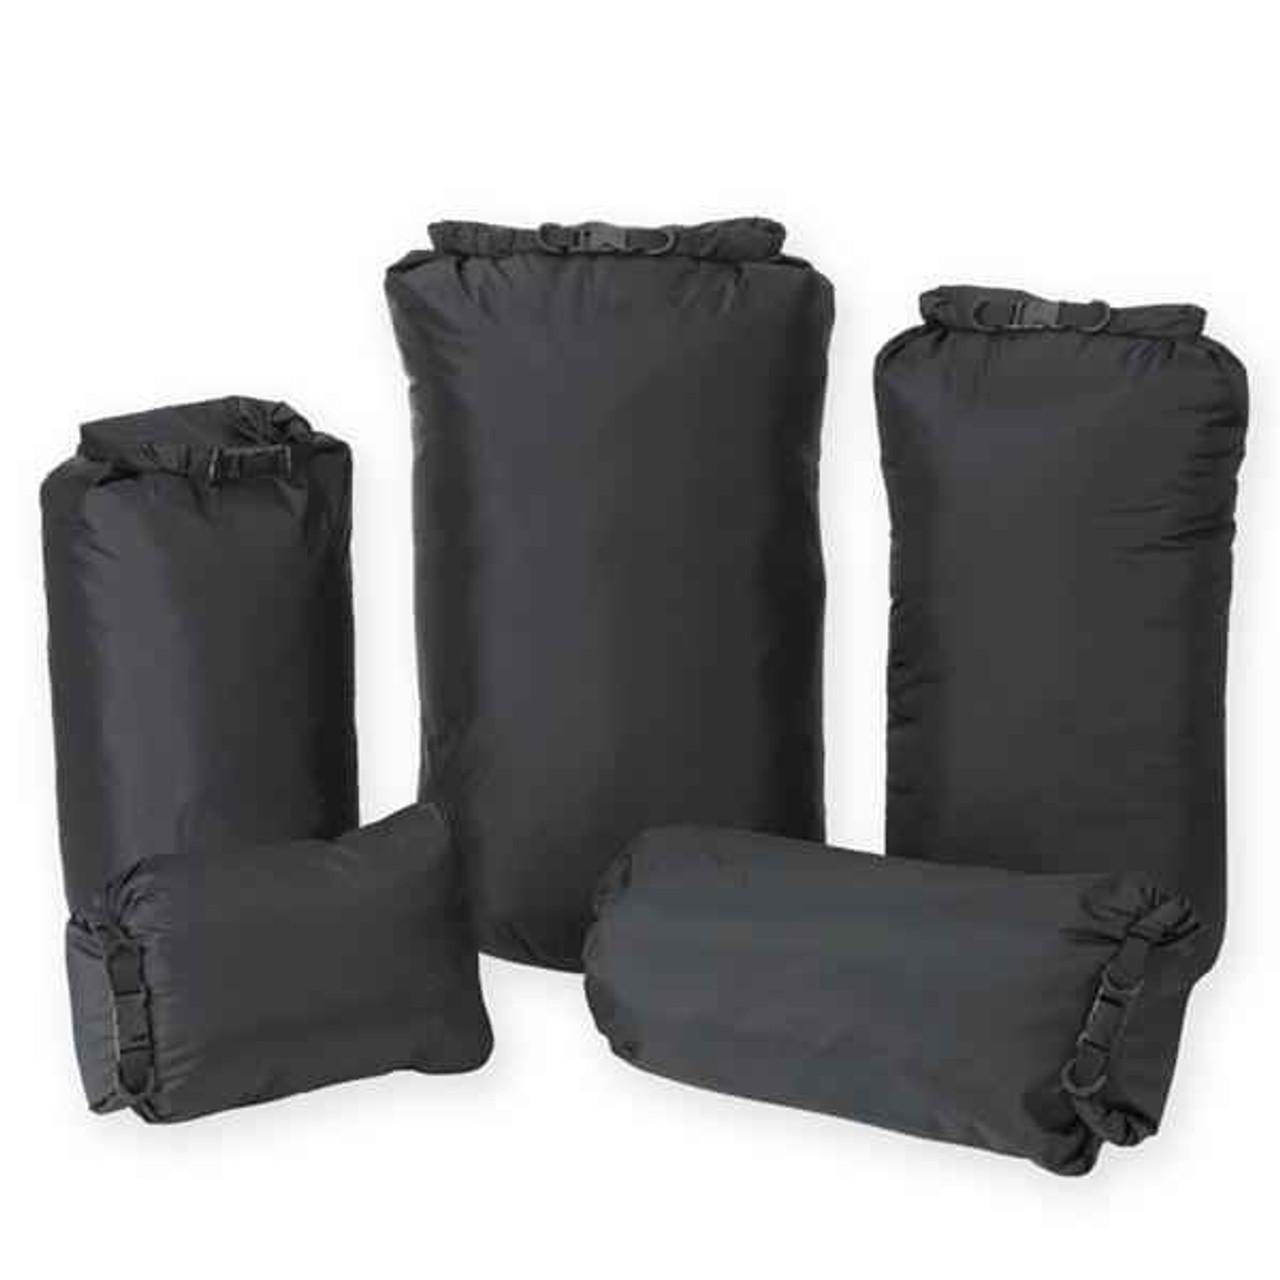 Pro Force Dri-Sak Waterproof Bag - Large, Black